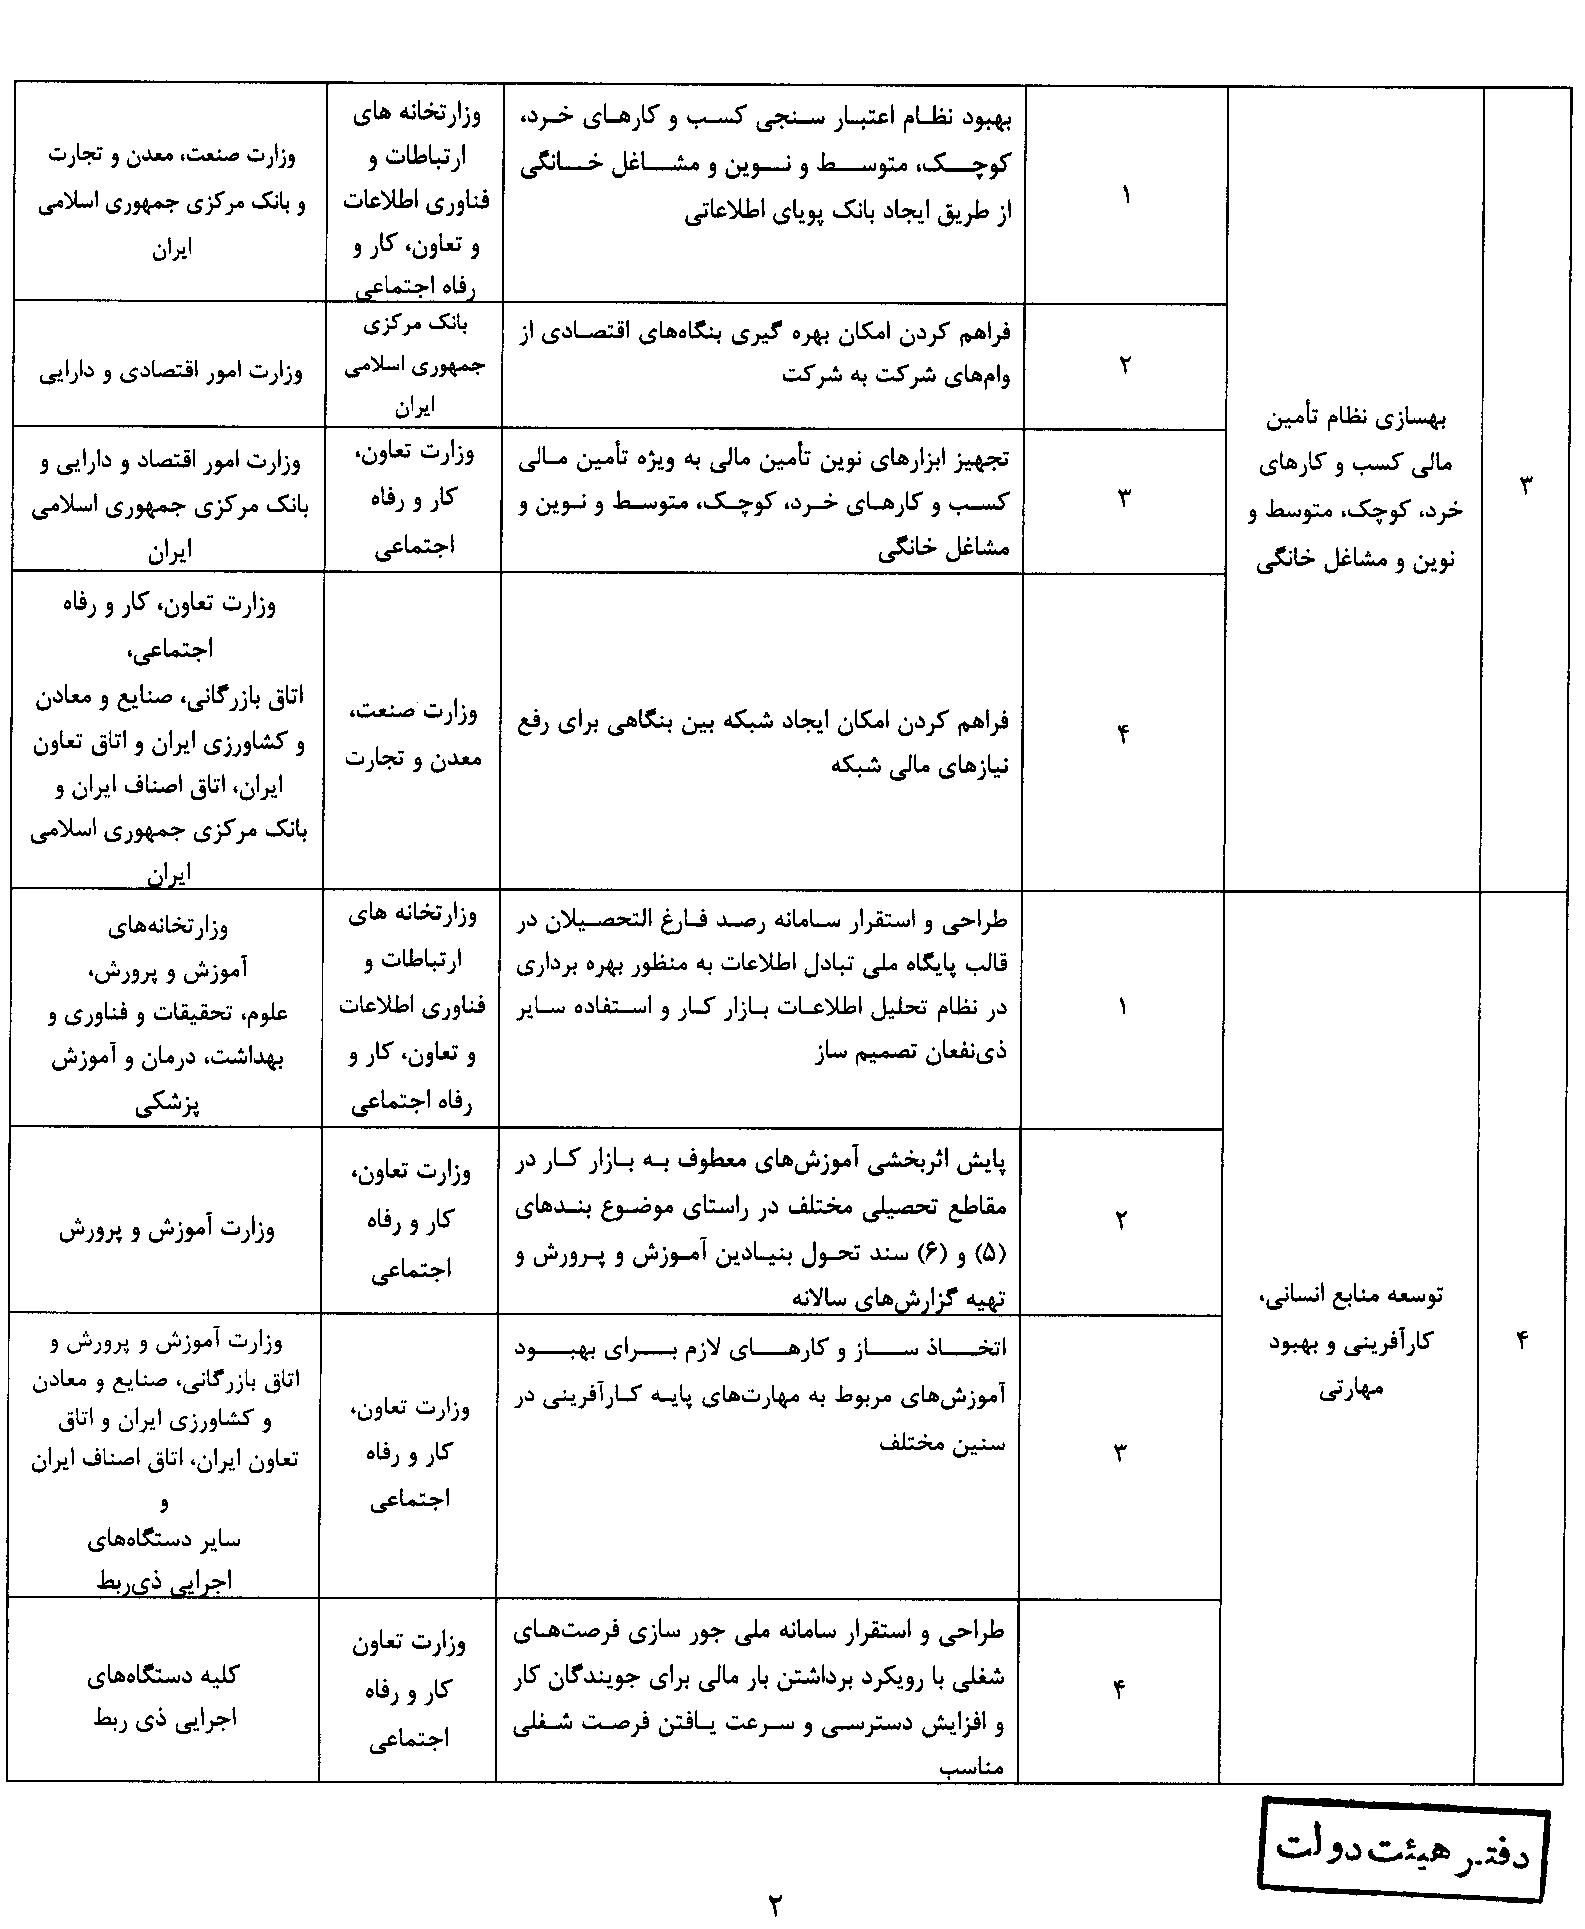 جزئیات ۹ راهبرد سند ملی کار شایسته/ اشتغالمحور کردن سیاستهای پولی/ رسمیسازی مشاغل غیررسمی